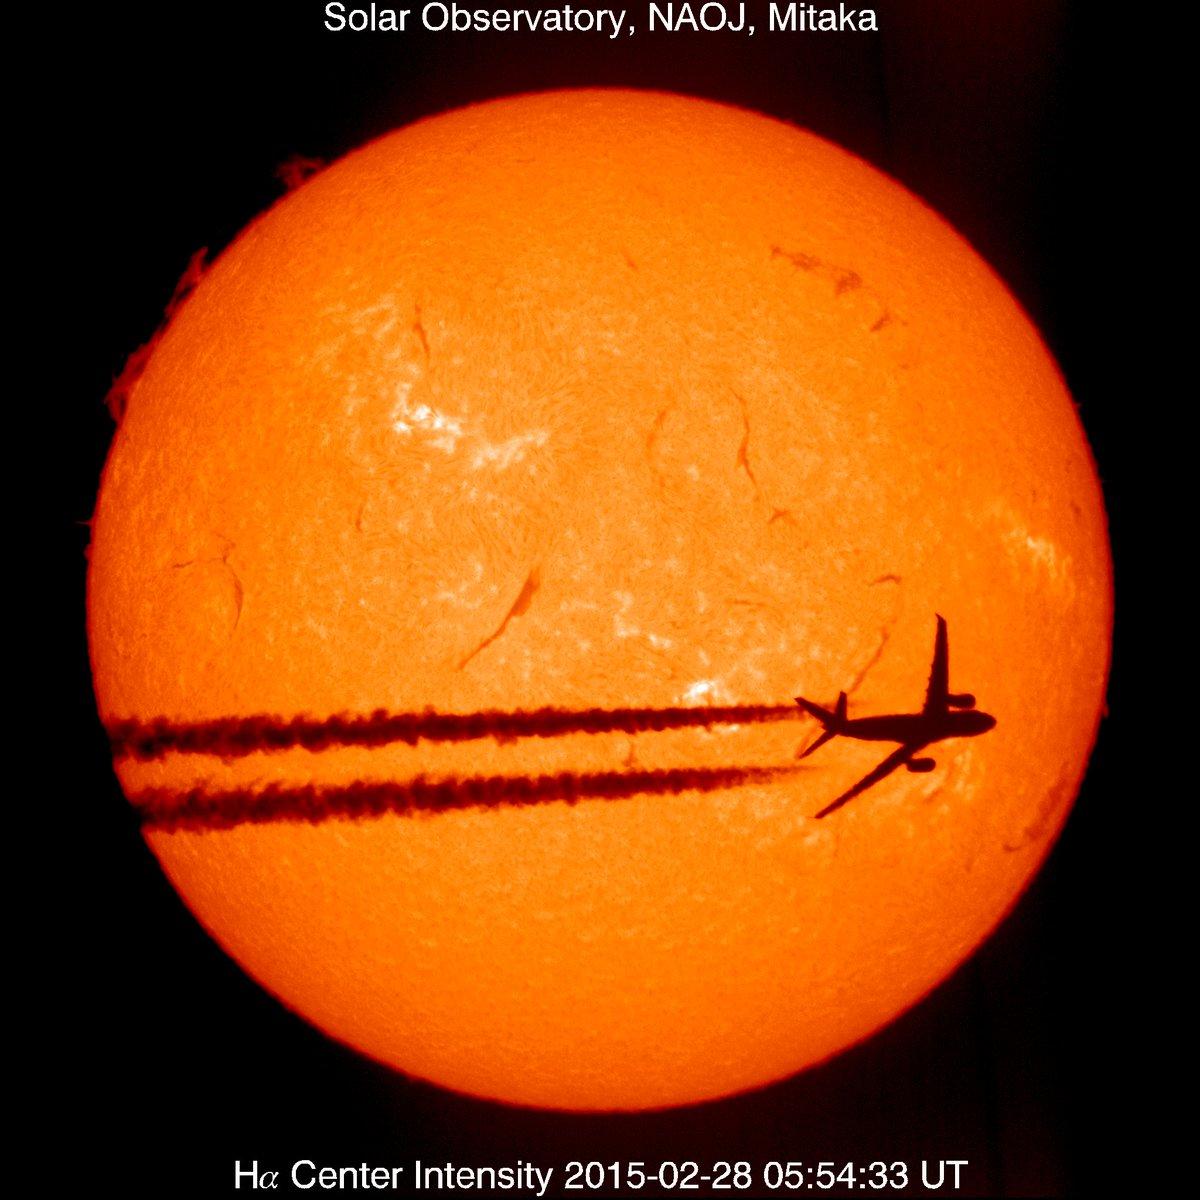 太陽フレア望遠鏡で観測をしていると、まれに何かが太陽の前を通り過ぎていく写真が撮れます。これまでに撮影されたものの中から、ベストショットと思う1枚を紹介します。2015年2月28日に撮影された旅客機の太陽面通過です。 #空の日